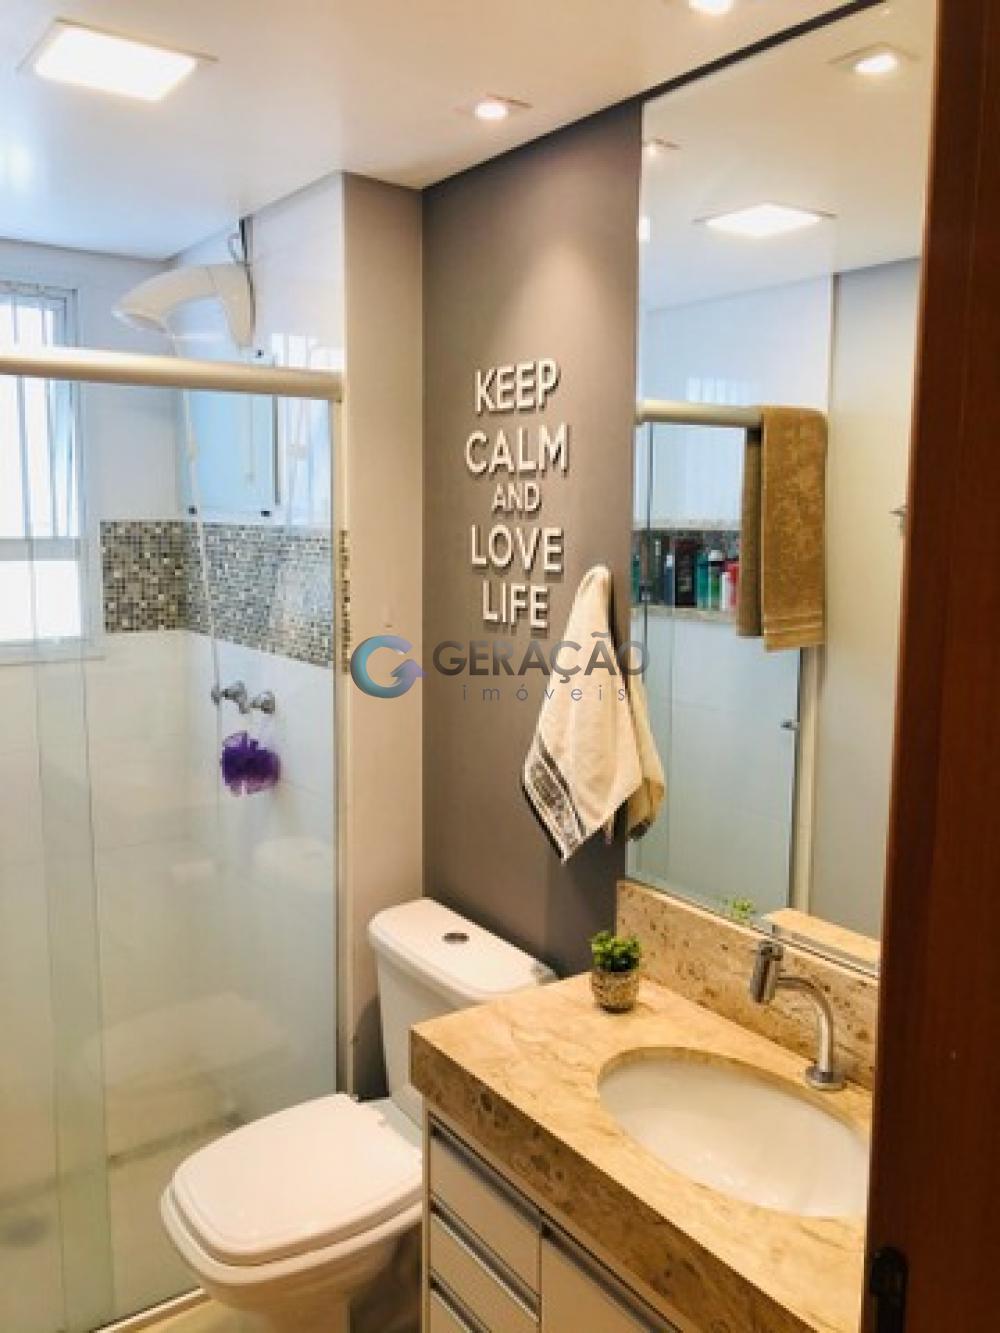 Comprar Apartamento / Padrão em São José dos Campos R$ 756.000,00 - Foto 5